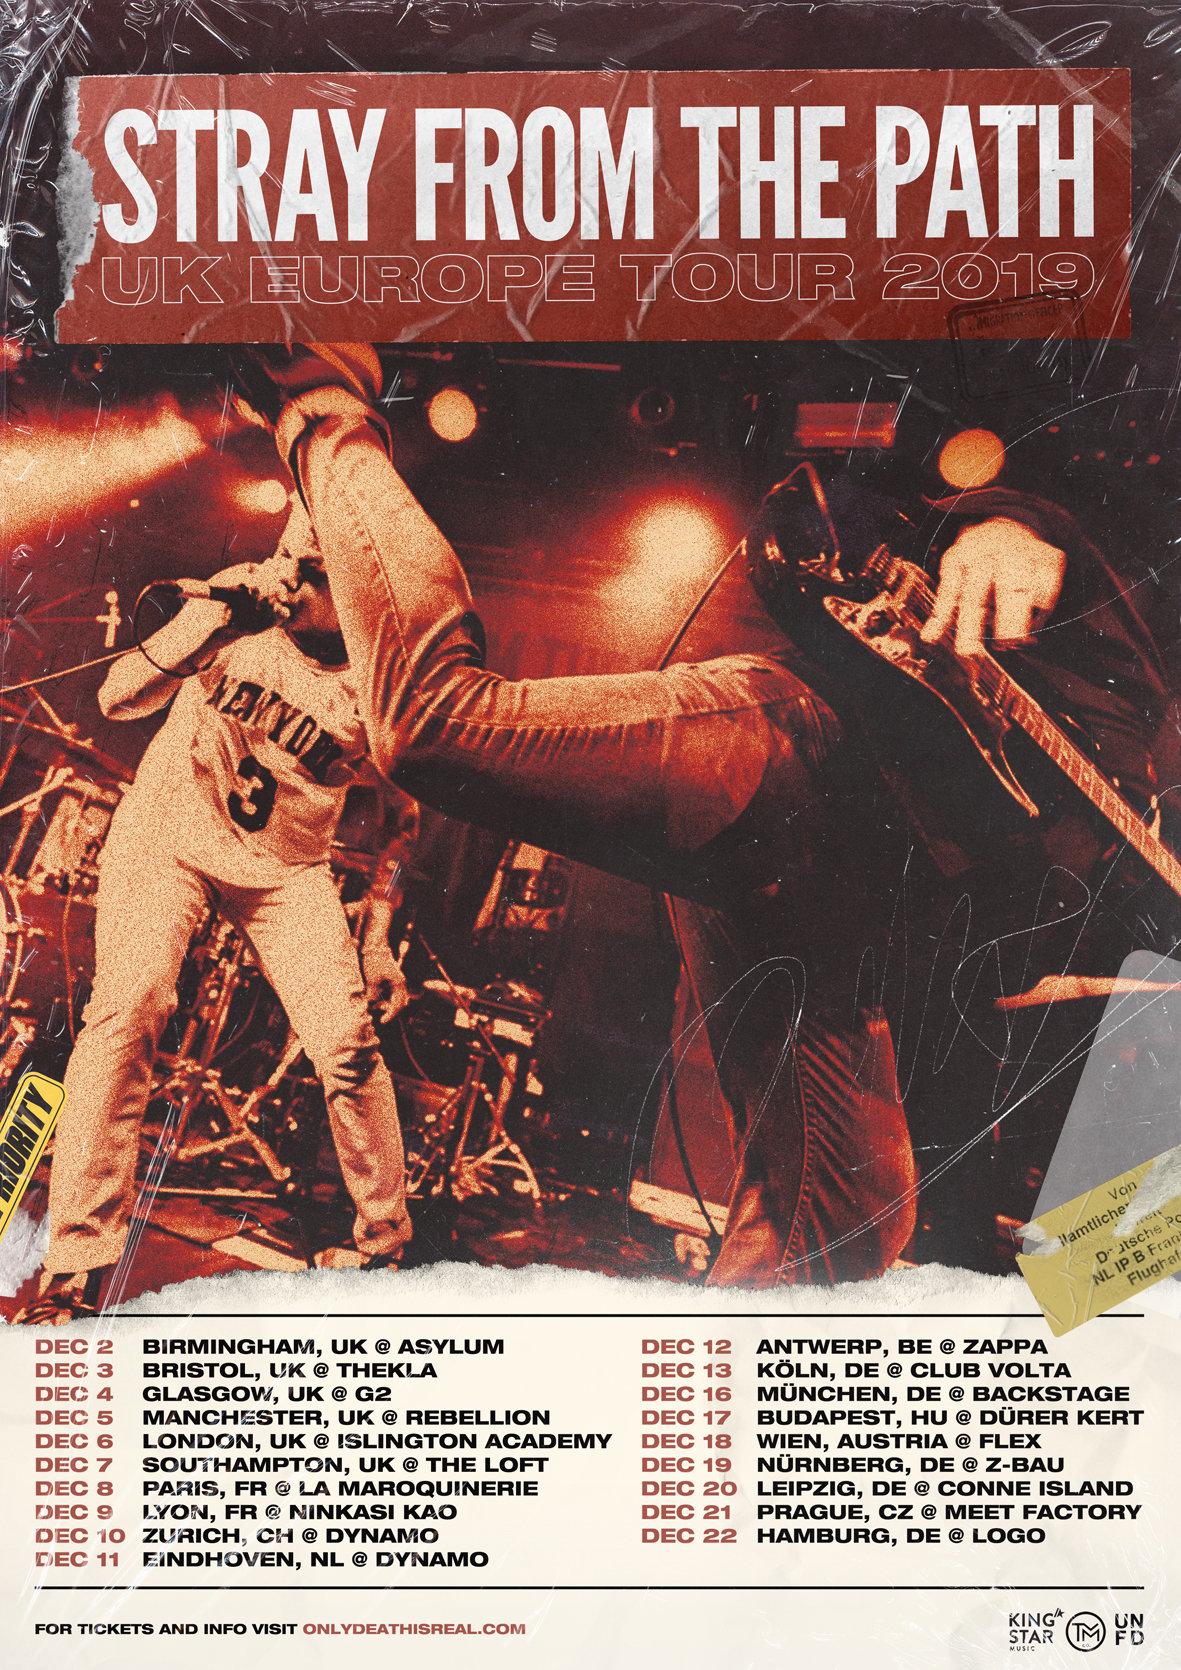 strayfromthepath_uktour_december2019